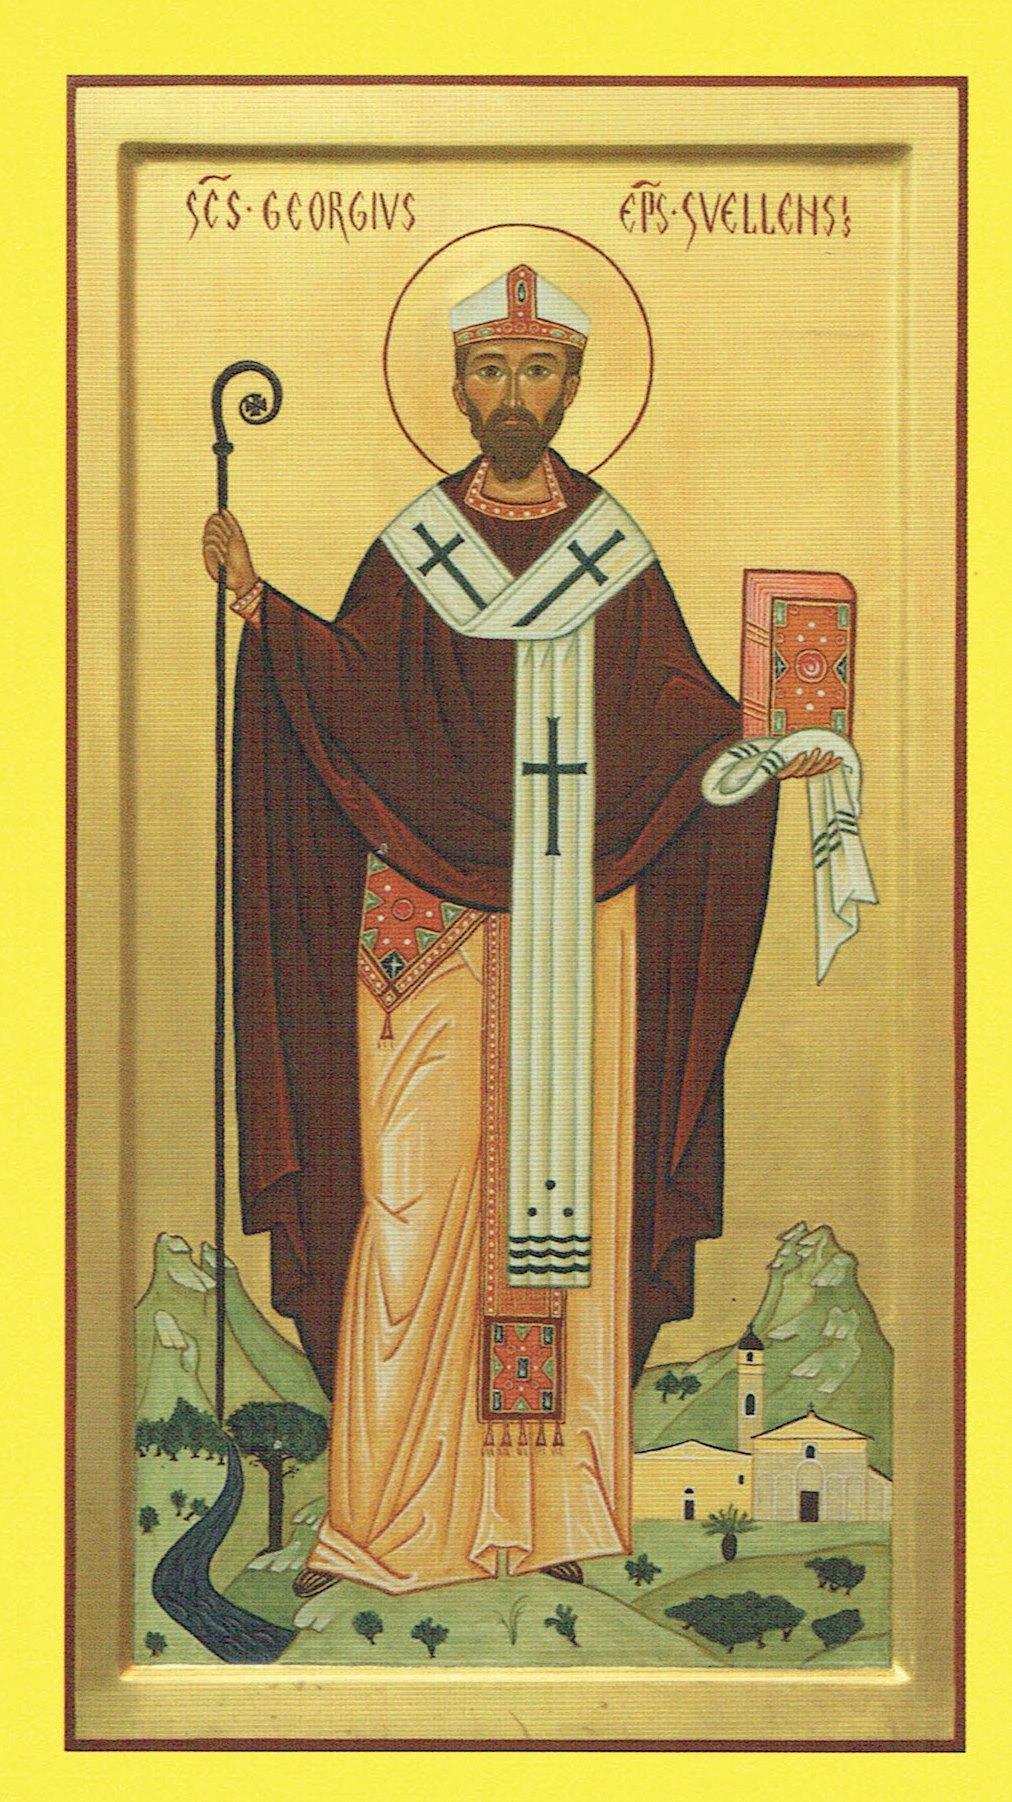 San Giorgio Vescovo